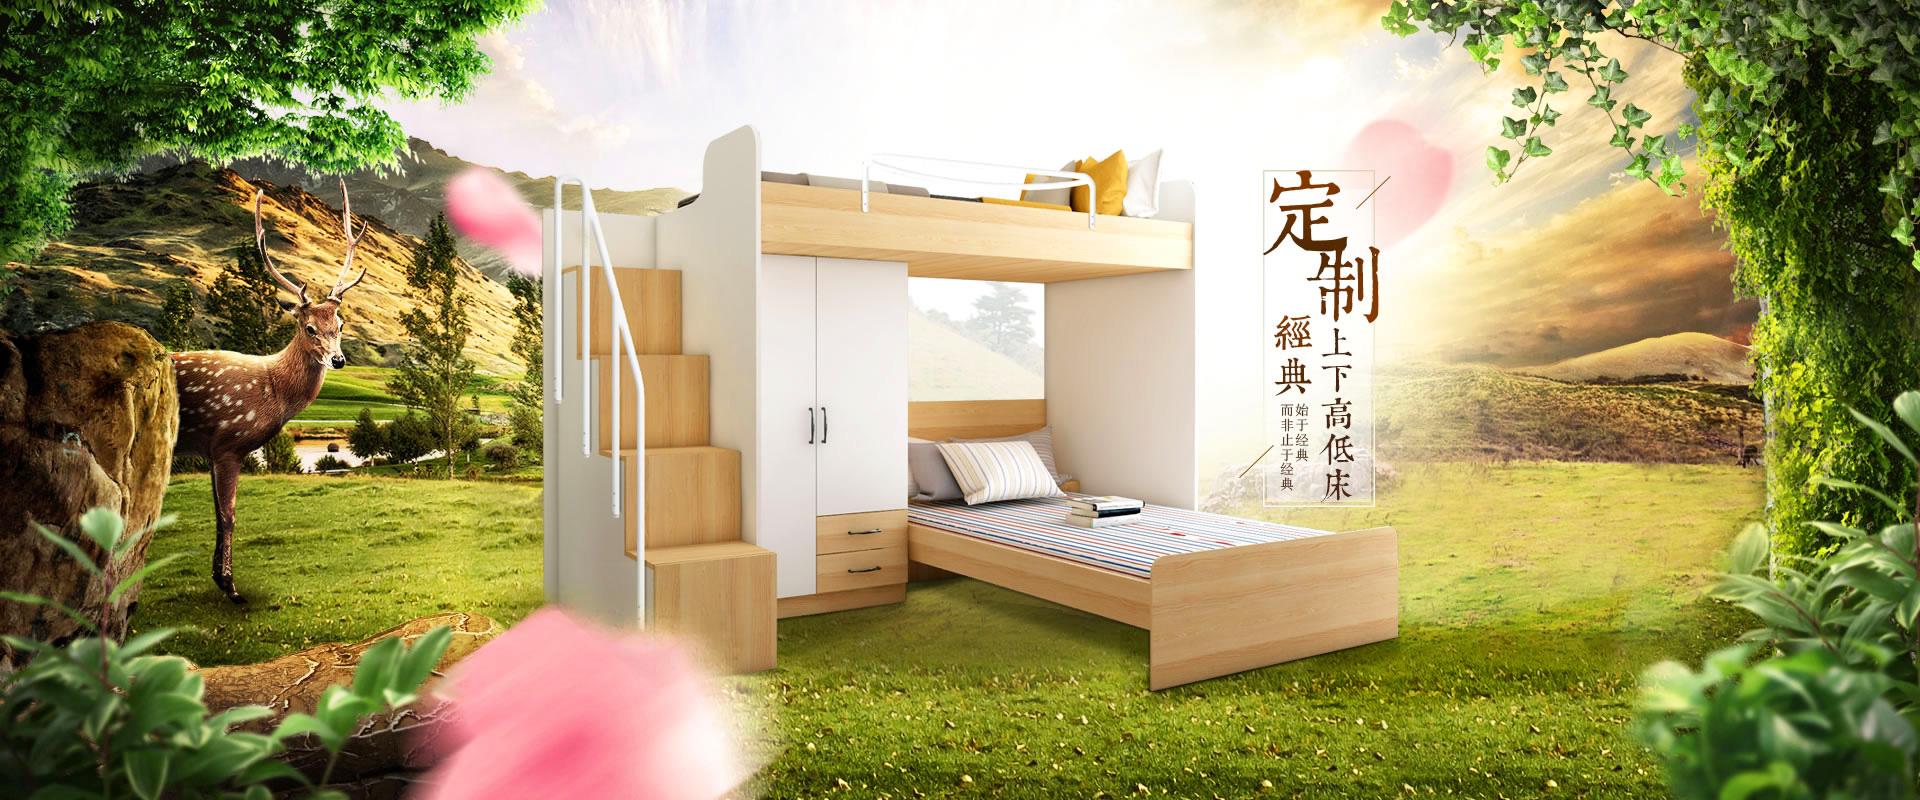 家居起居室设计装修1920_800家装设计师送哪些礼品合适图片